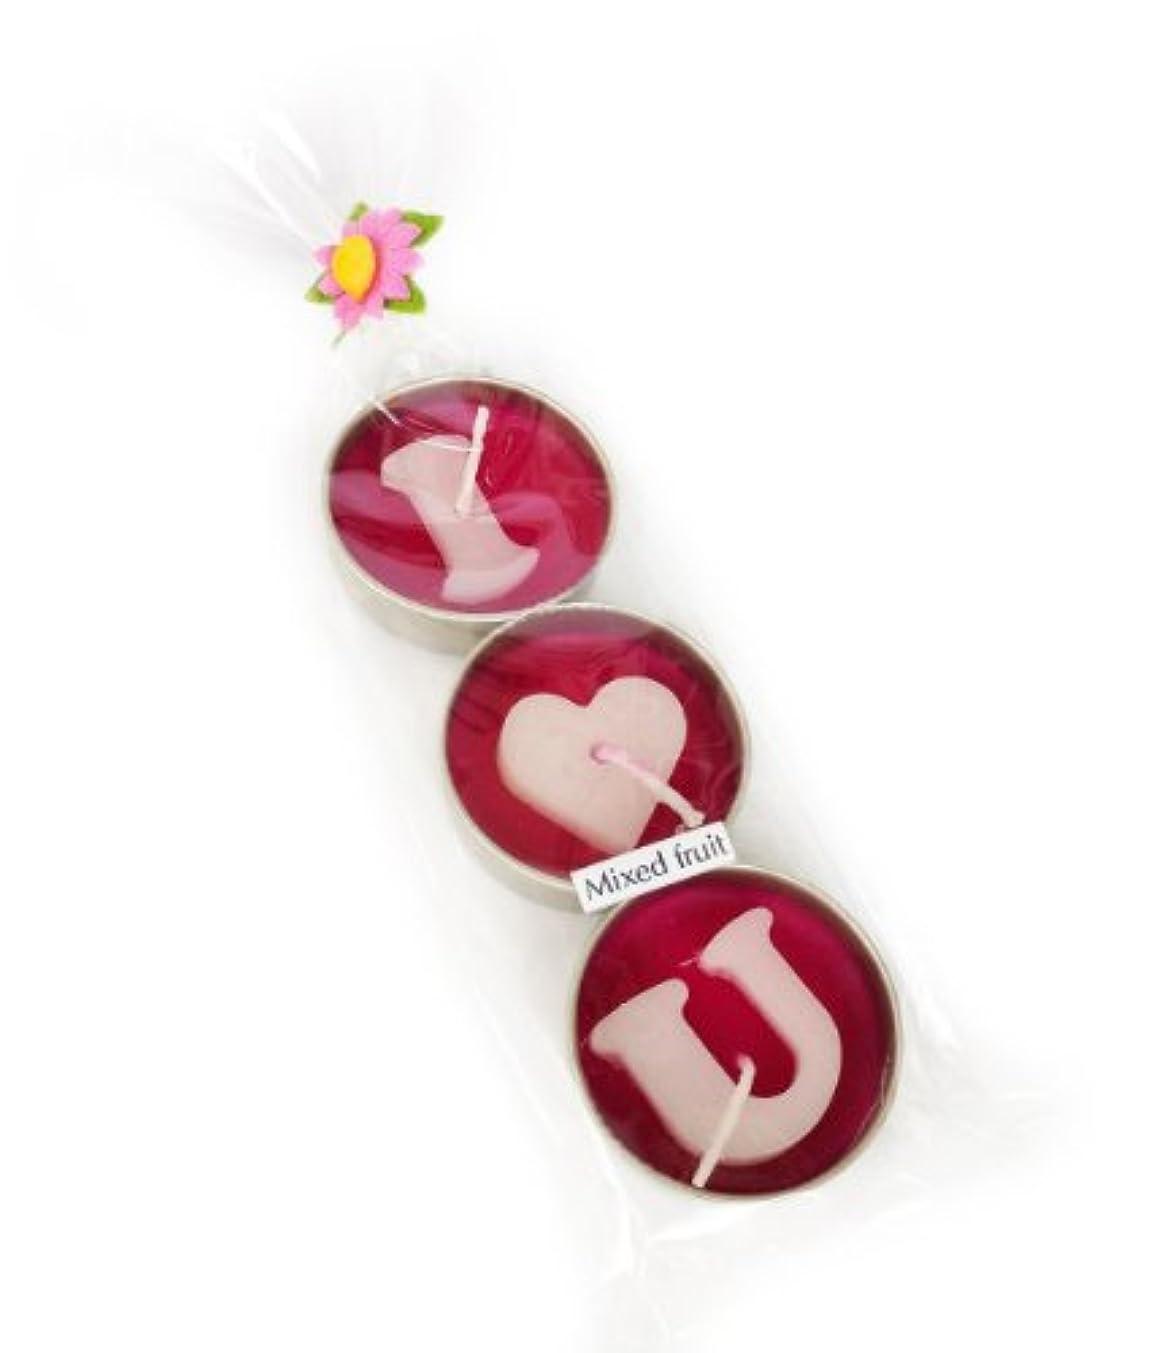 欠席事業内容復活アロマキャンドル/ラブキャンドル/ILoveU/モーク/ロウソク/ろうそ/1パック3個入り/(1Pack  3pc I love U Candle) (Mixed Fruit)